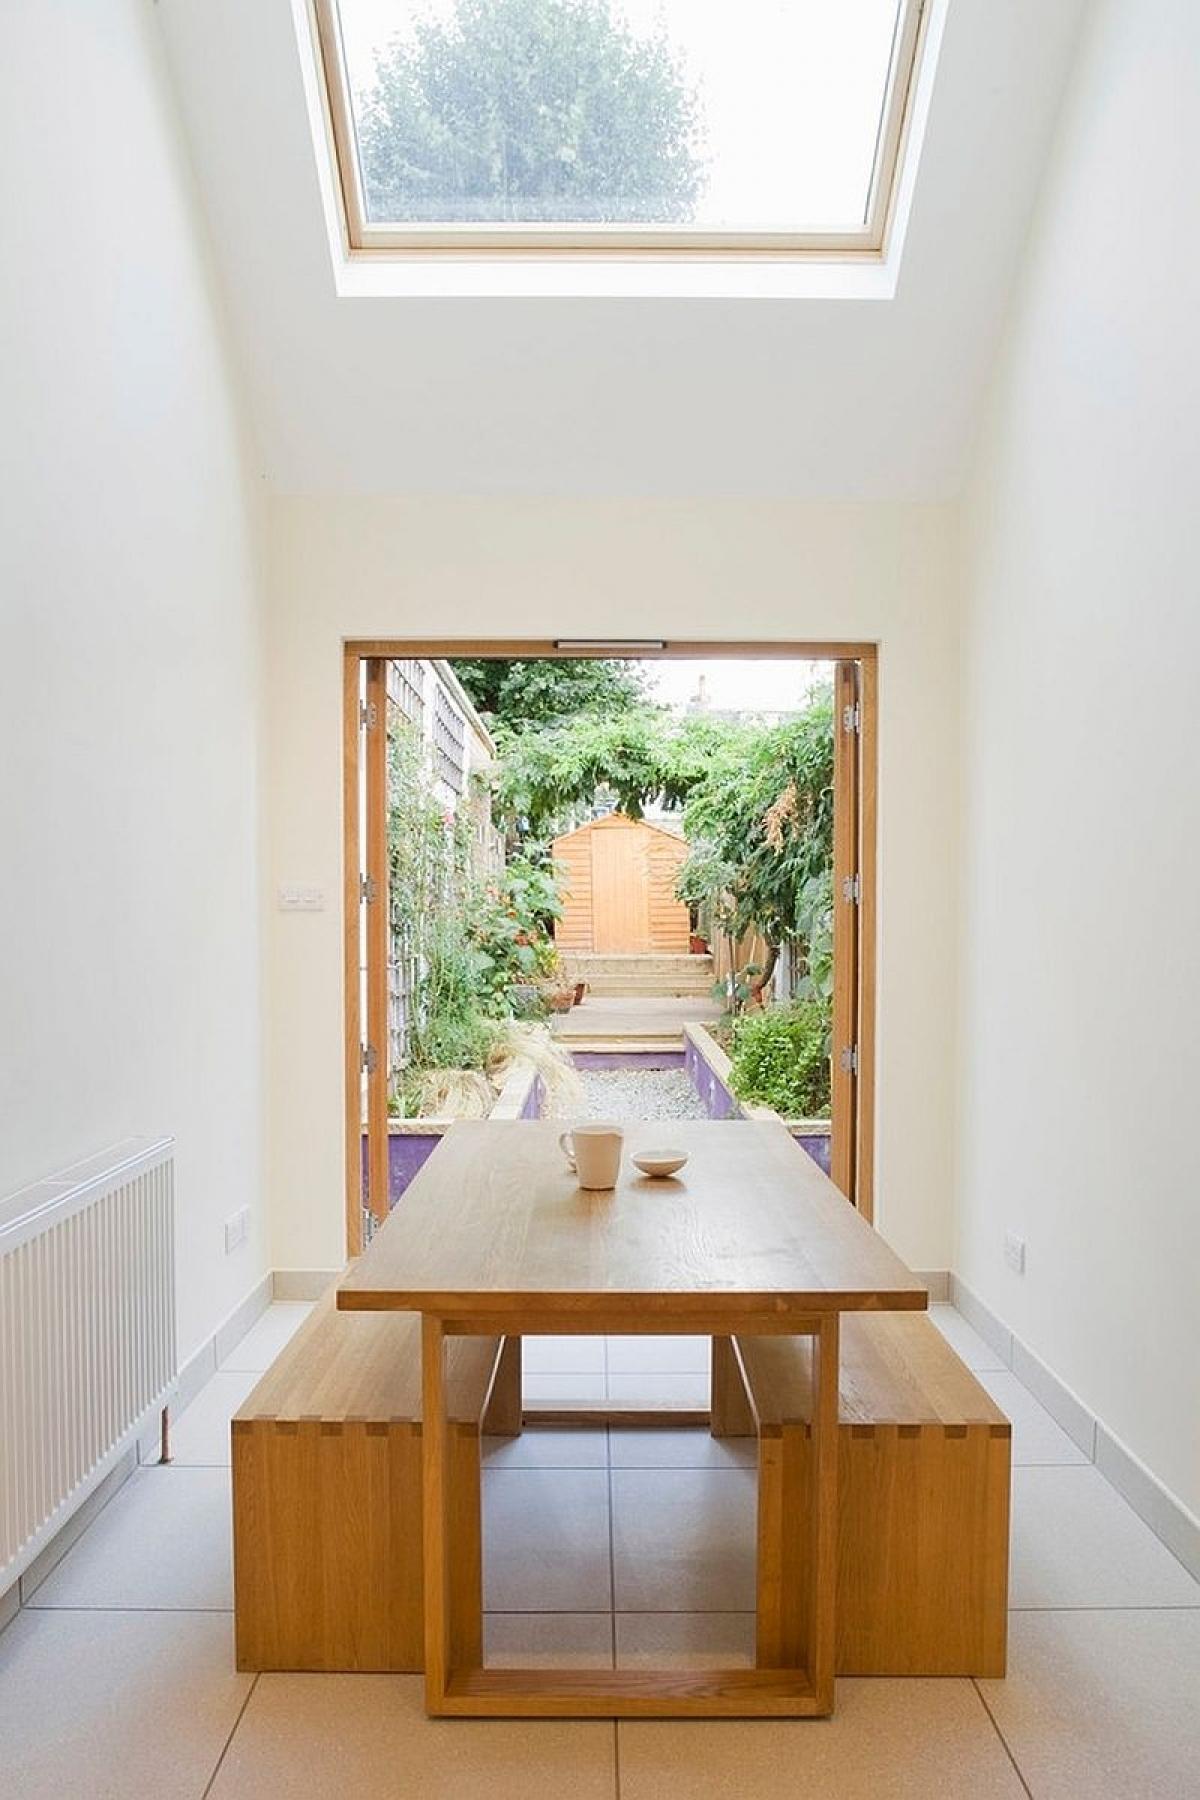 Ngôi nhà độc đáo chỉ rộng 2,3 m2 ở London - Ảnh 7